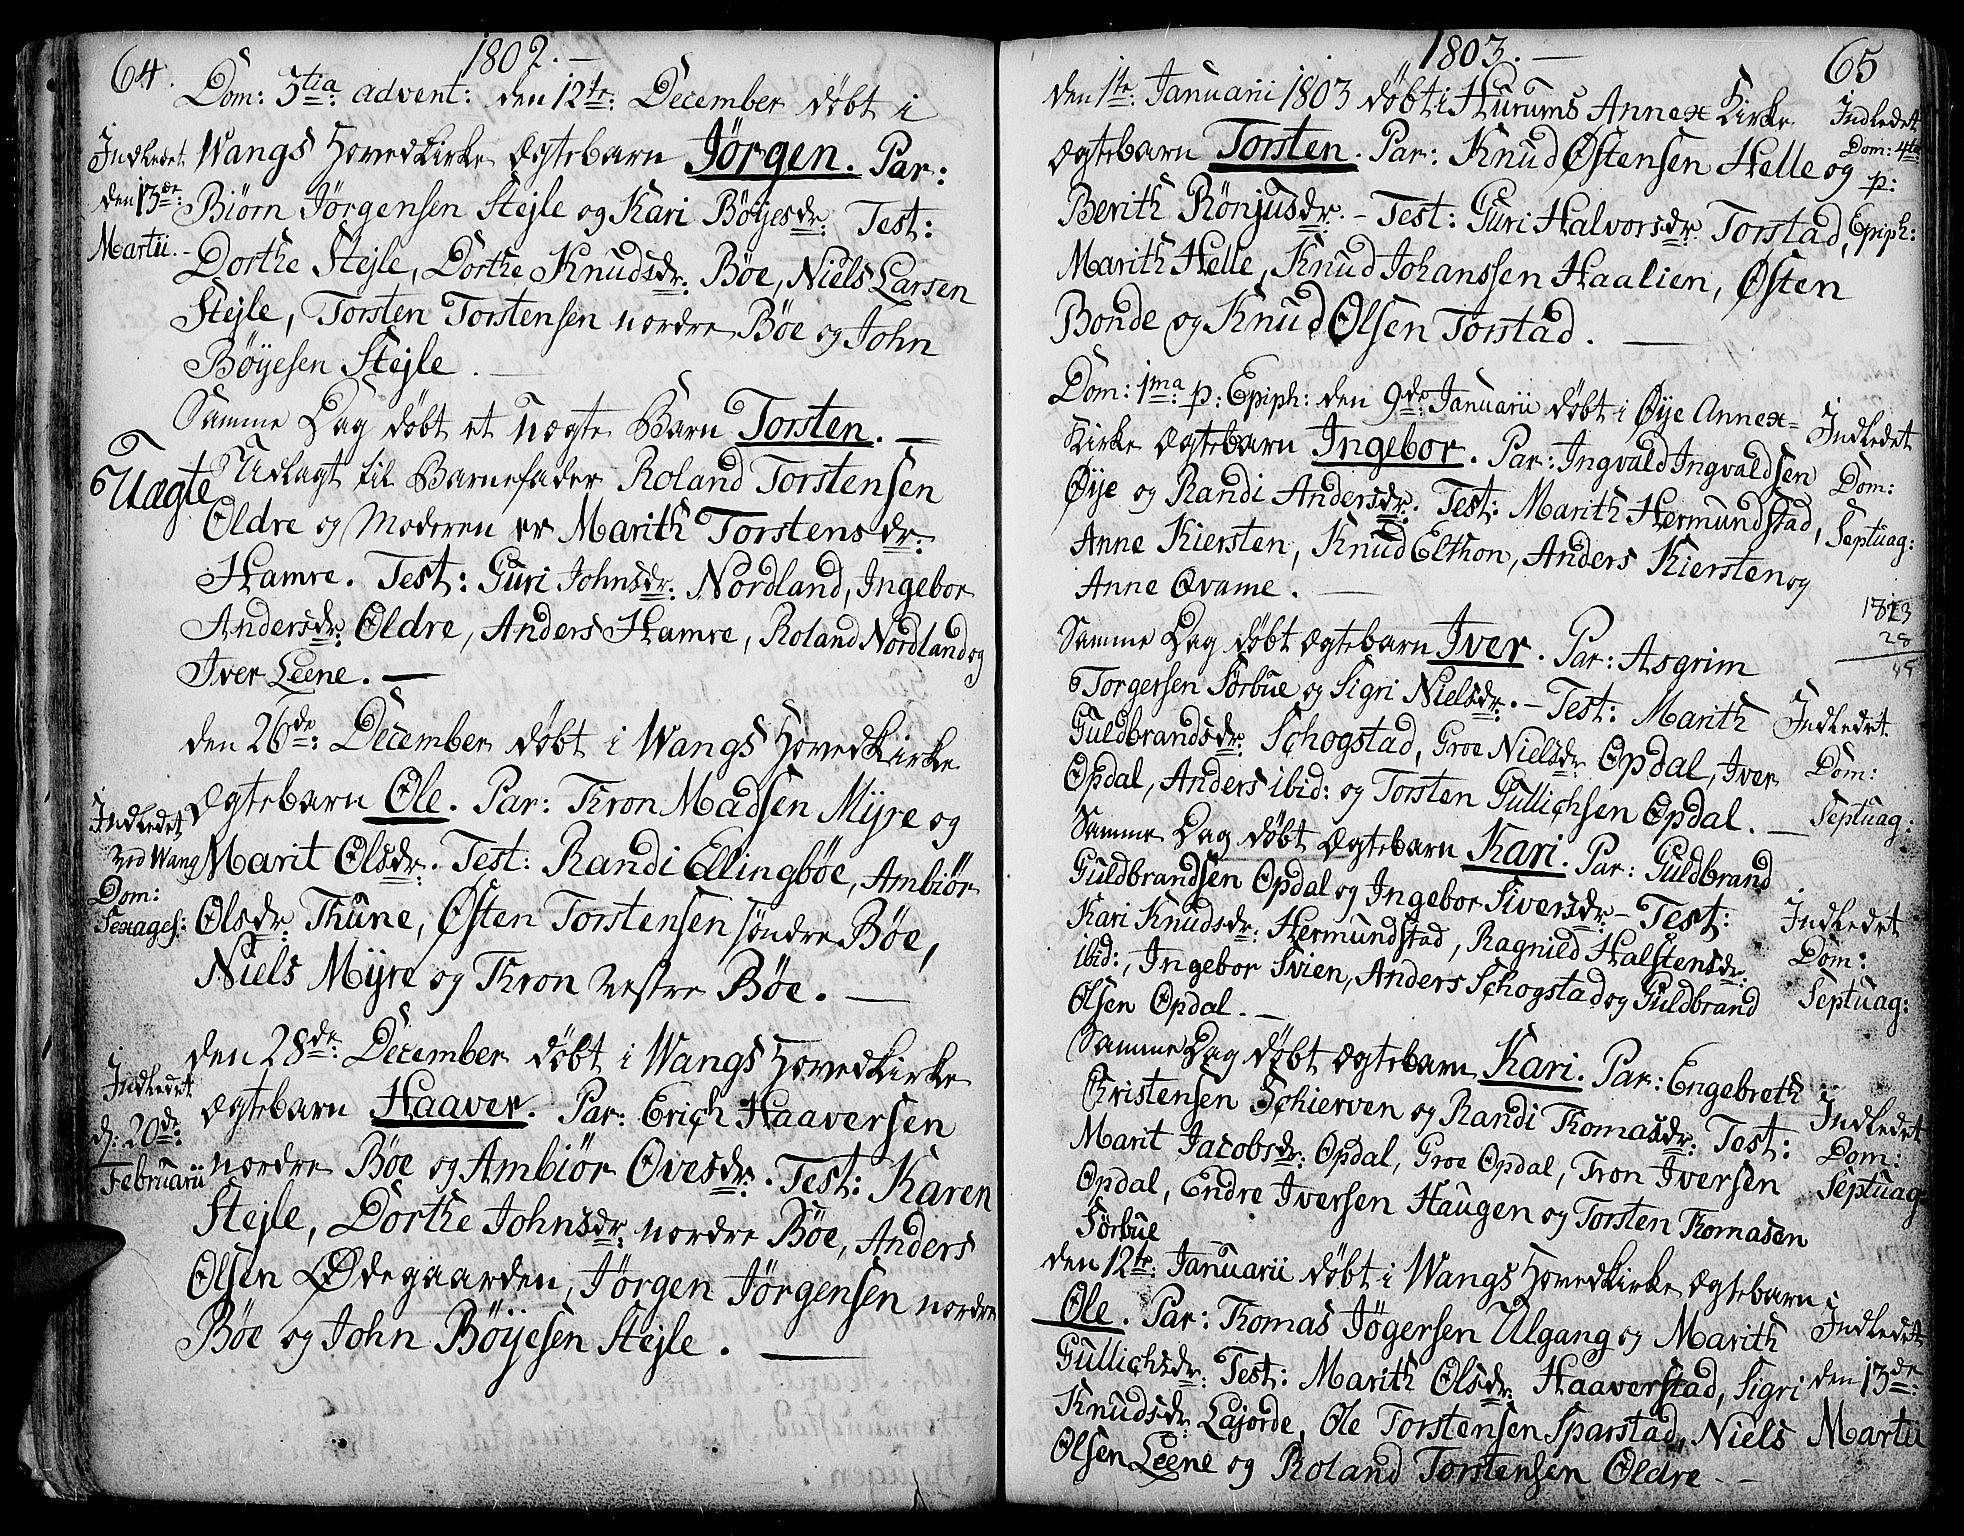 SAH, Vang prestekontor, Valdres, Ministerialbok nr. 2, 1796-1808, s. 64-65